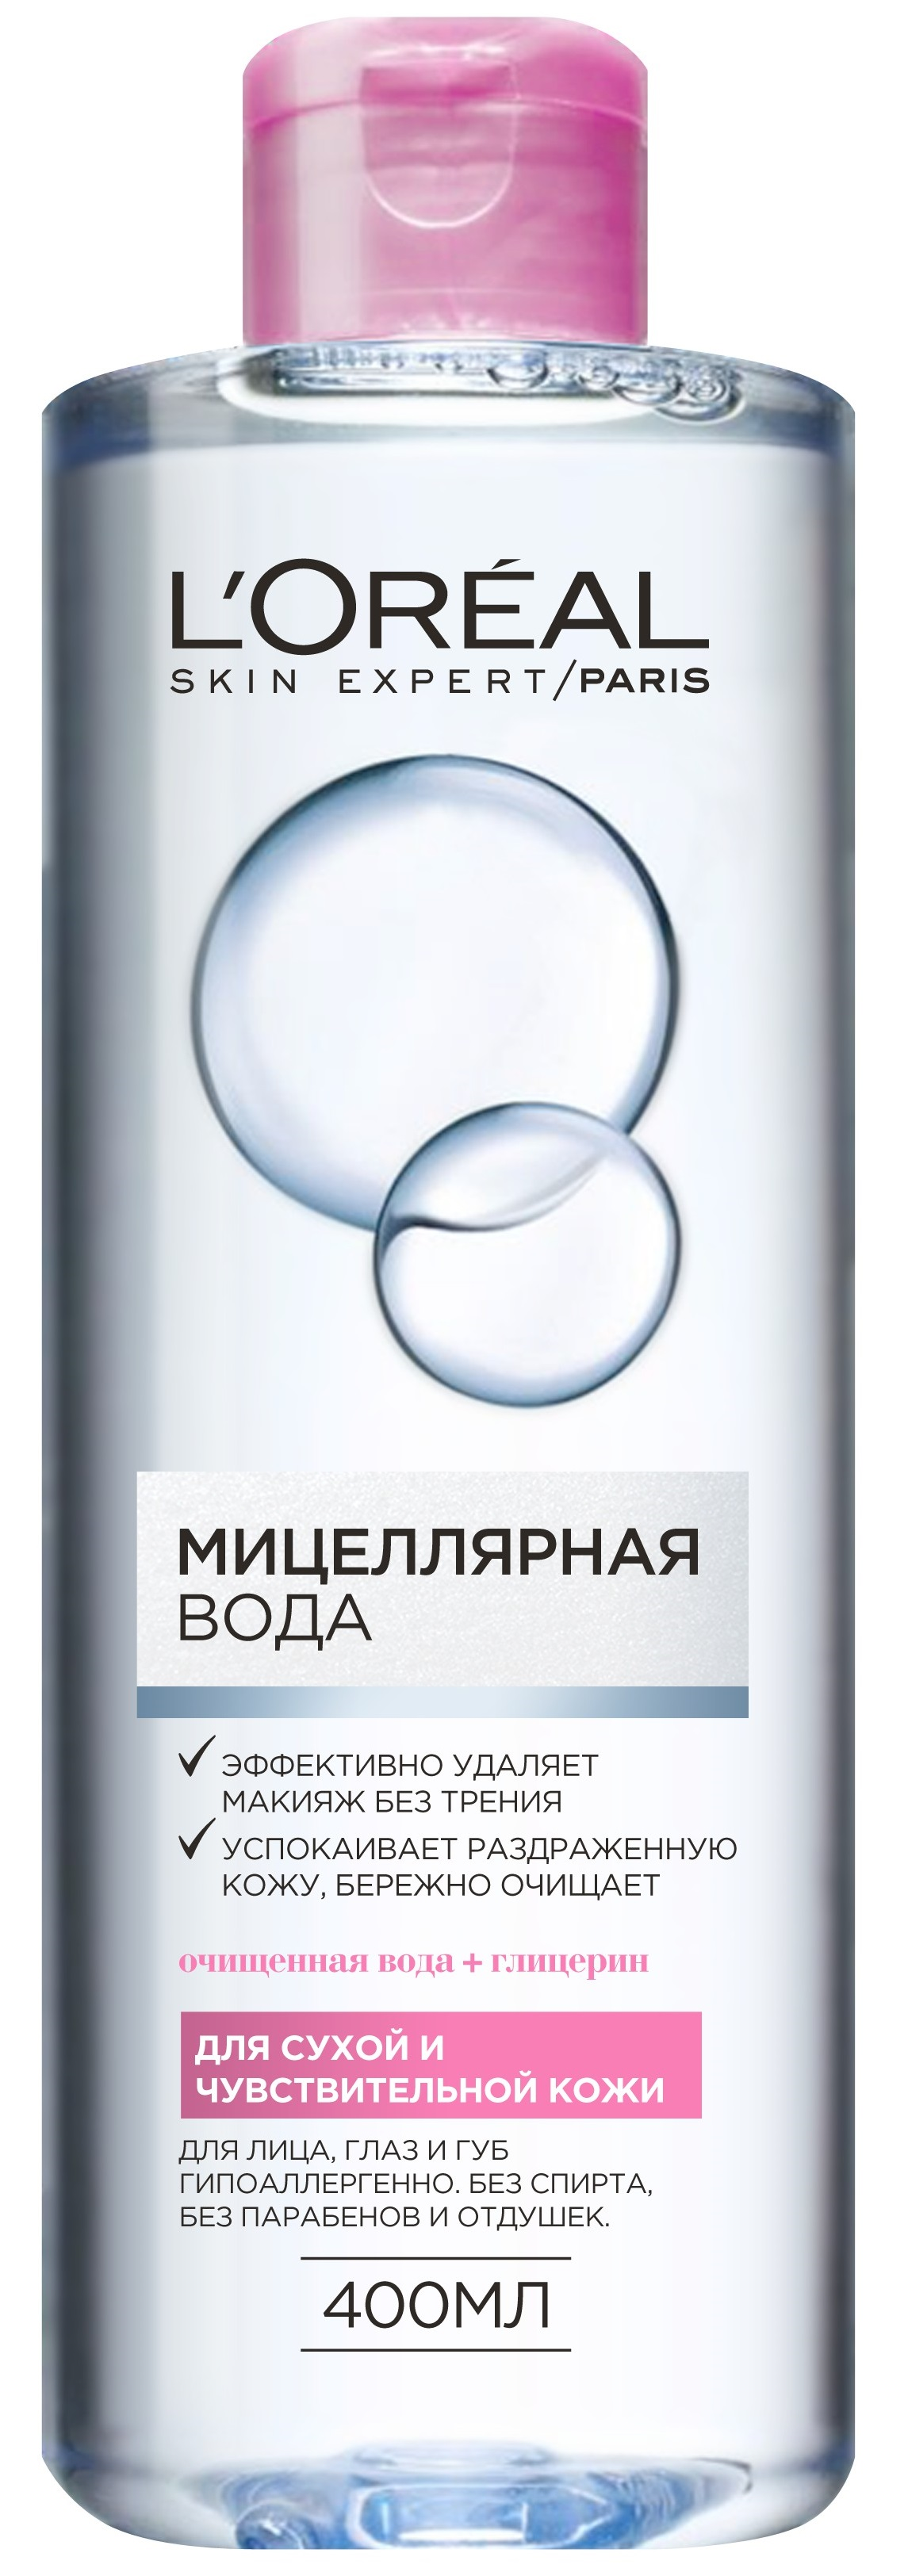 Мицеллярная вода L\'Oreal Paris для сухой и чувствительной кожи 400мл